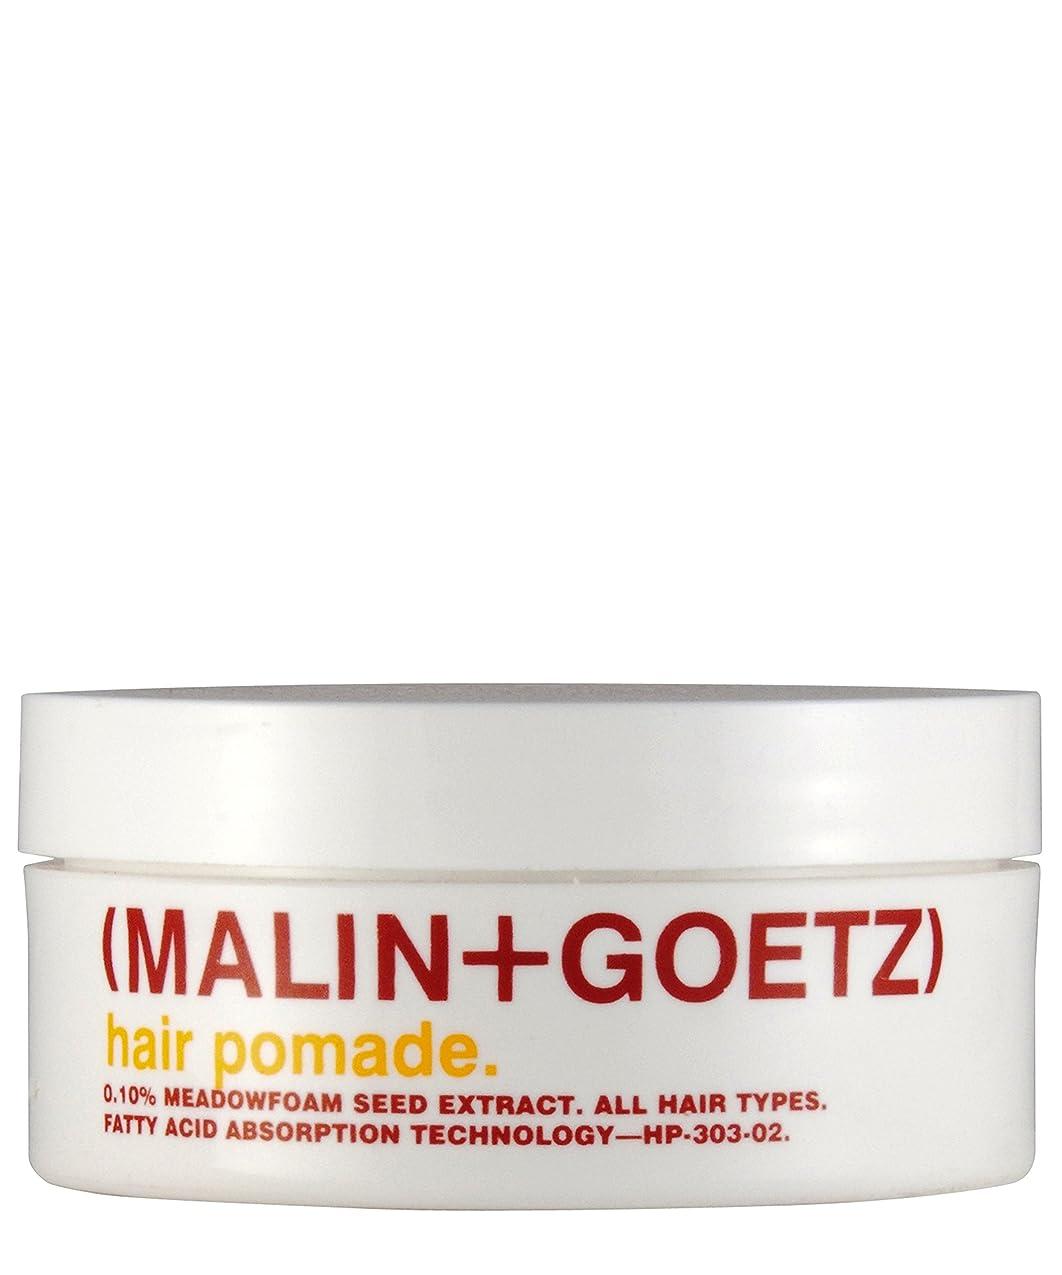 キャンバスエンドウ危険を冒しますMALIN+GOETZ Hair Pomade, Malin+Goetz - マリン+ゲッツヘアポマード、マリン+ゲッツ [並行輸入品]